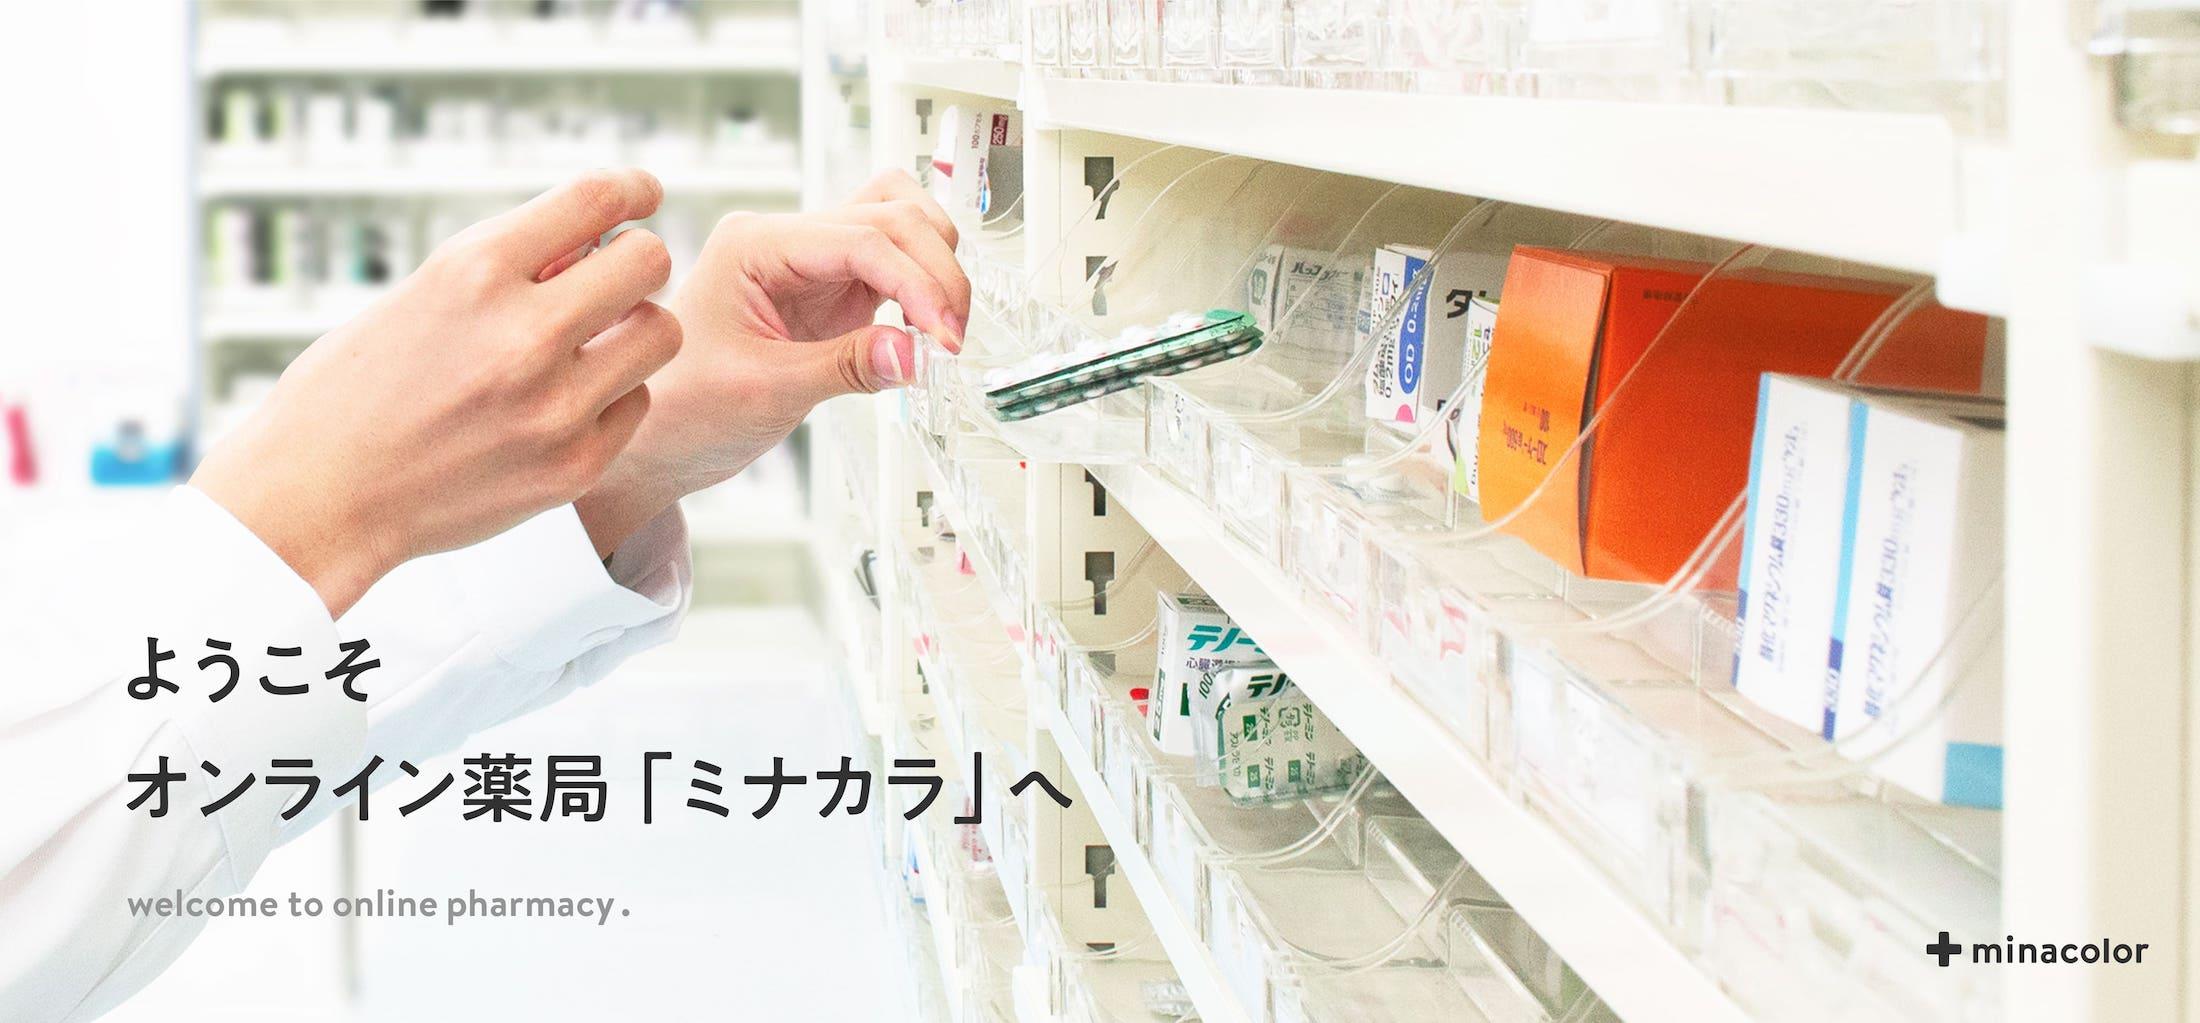 リンデロン軟膏市販